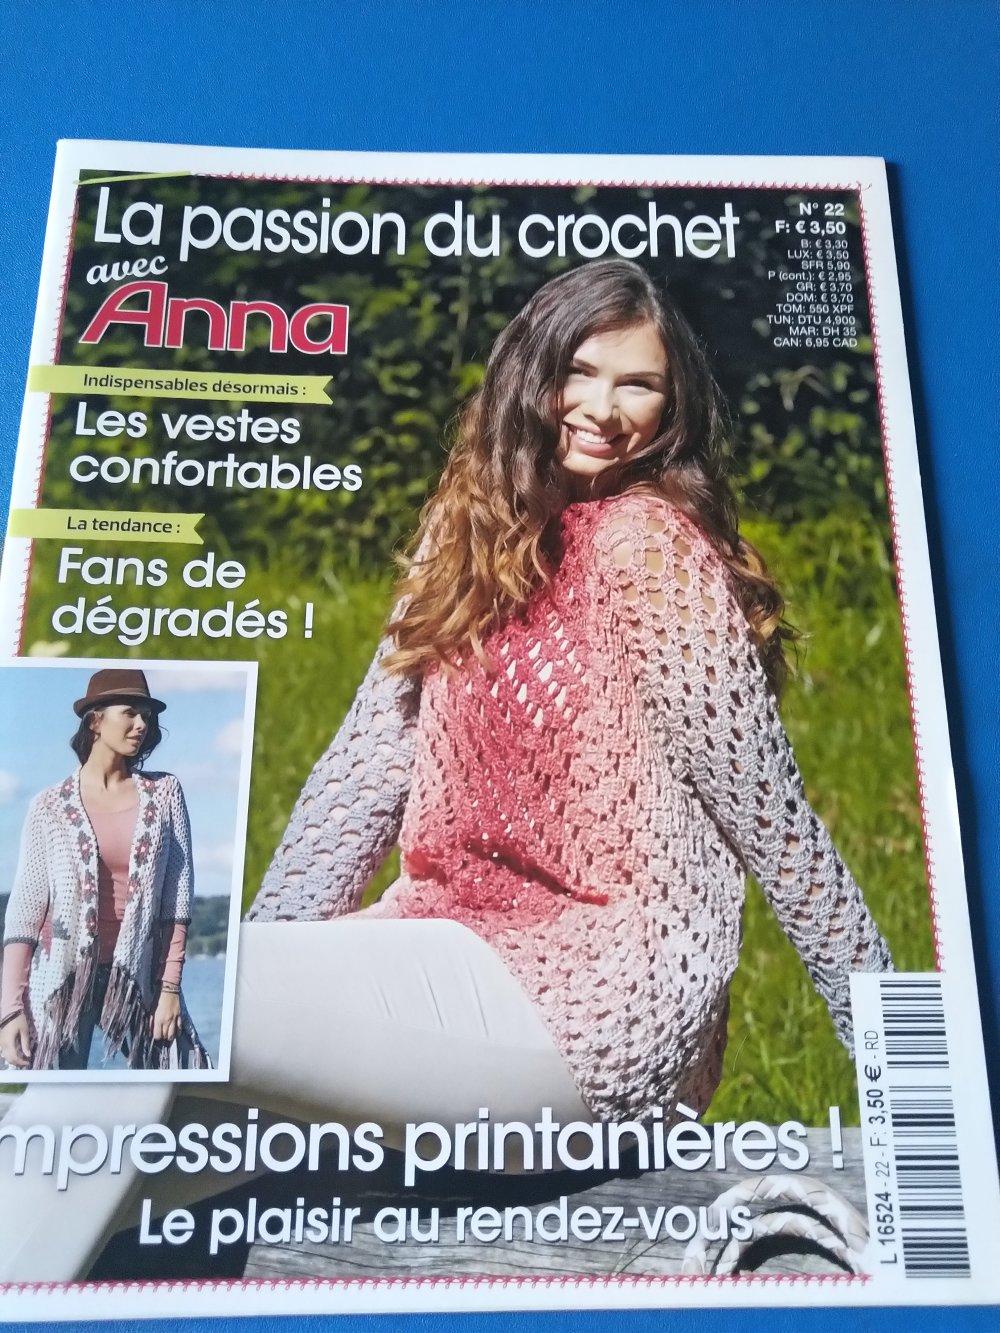 La passion du crochet avec Anna n°22 - Livraison offerte -